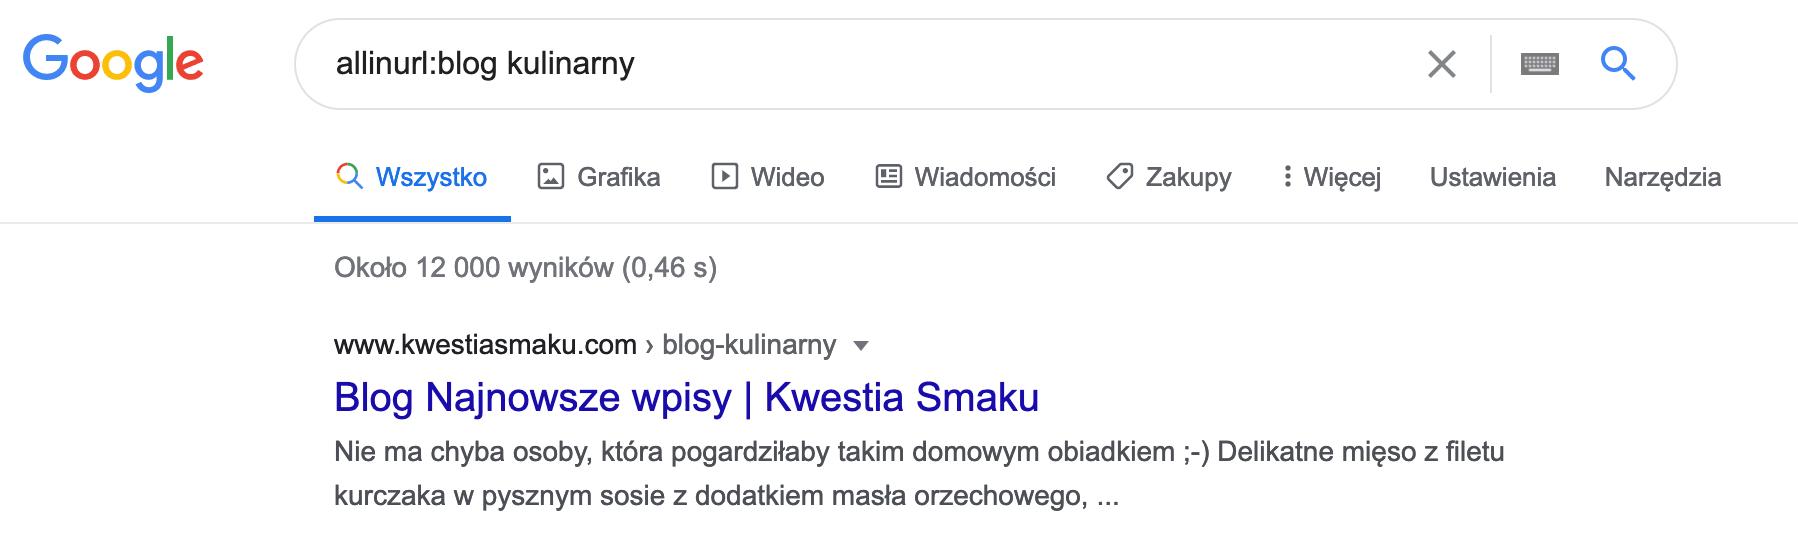 Wyszukiwanie w google adresu url